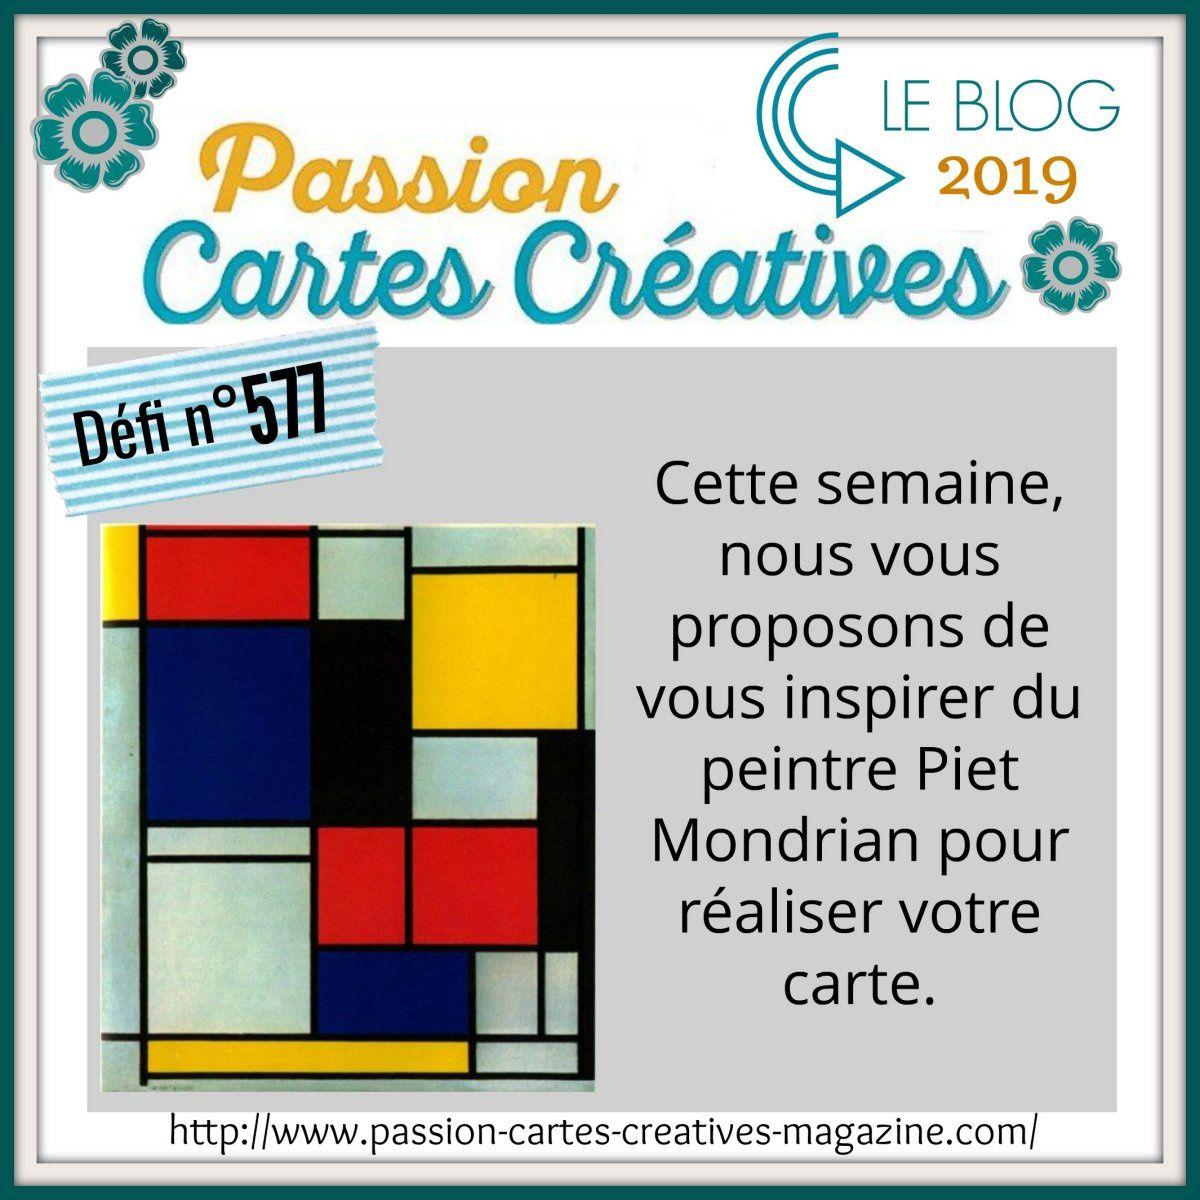 Défi 577 de Passion Cartes Créatives